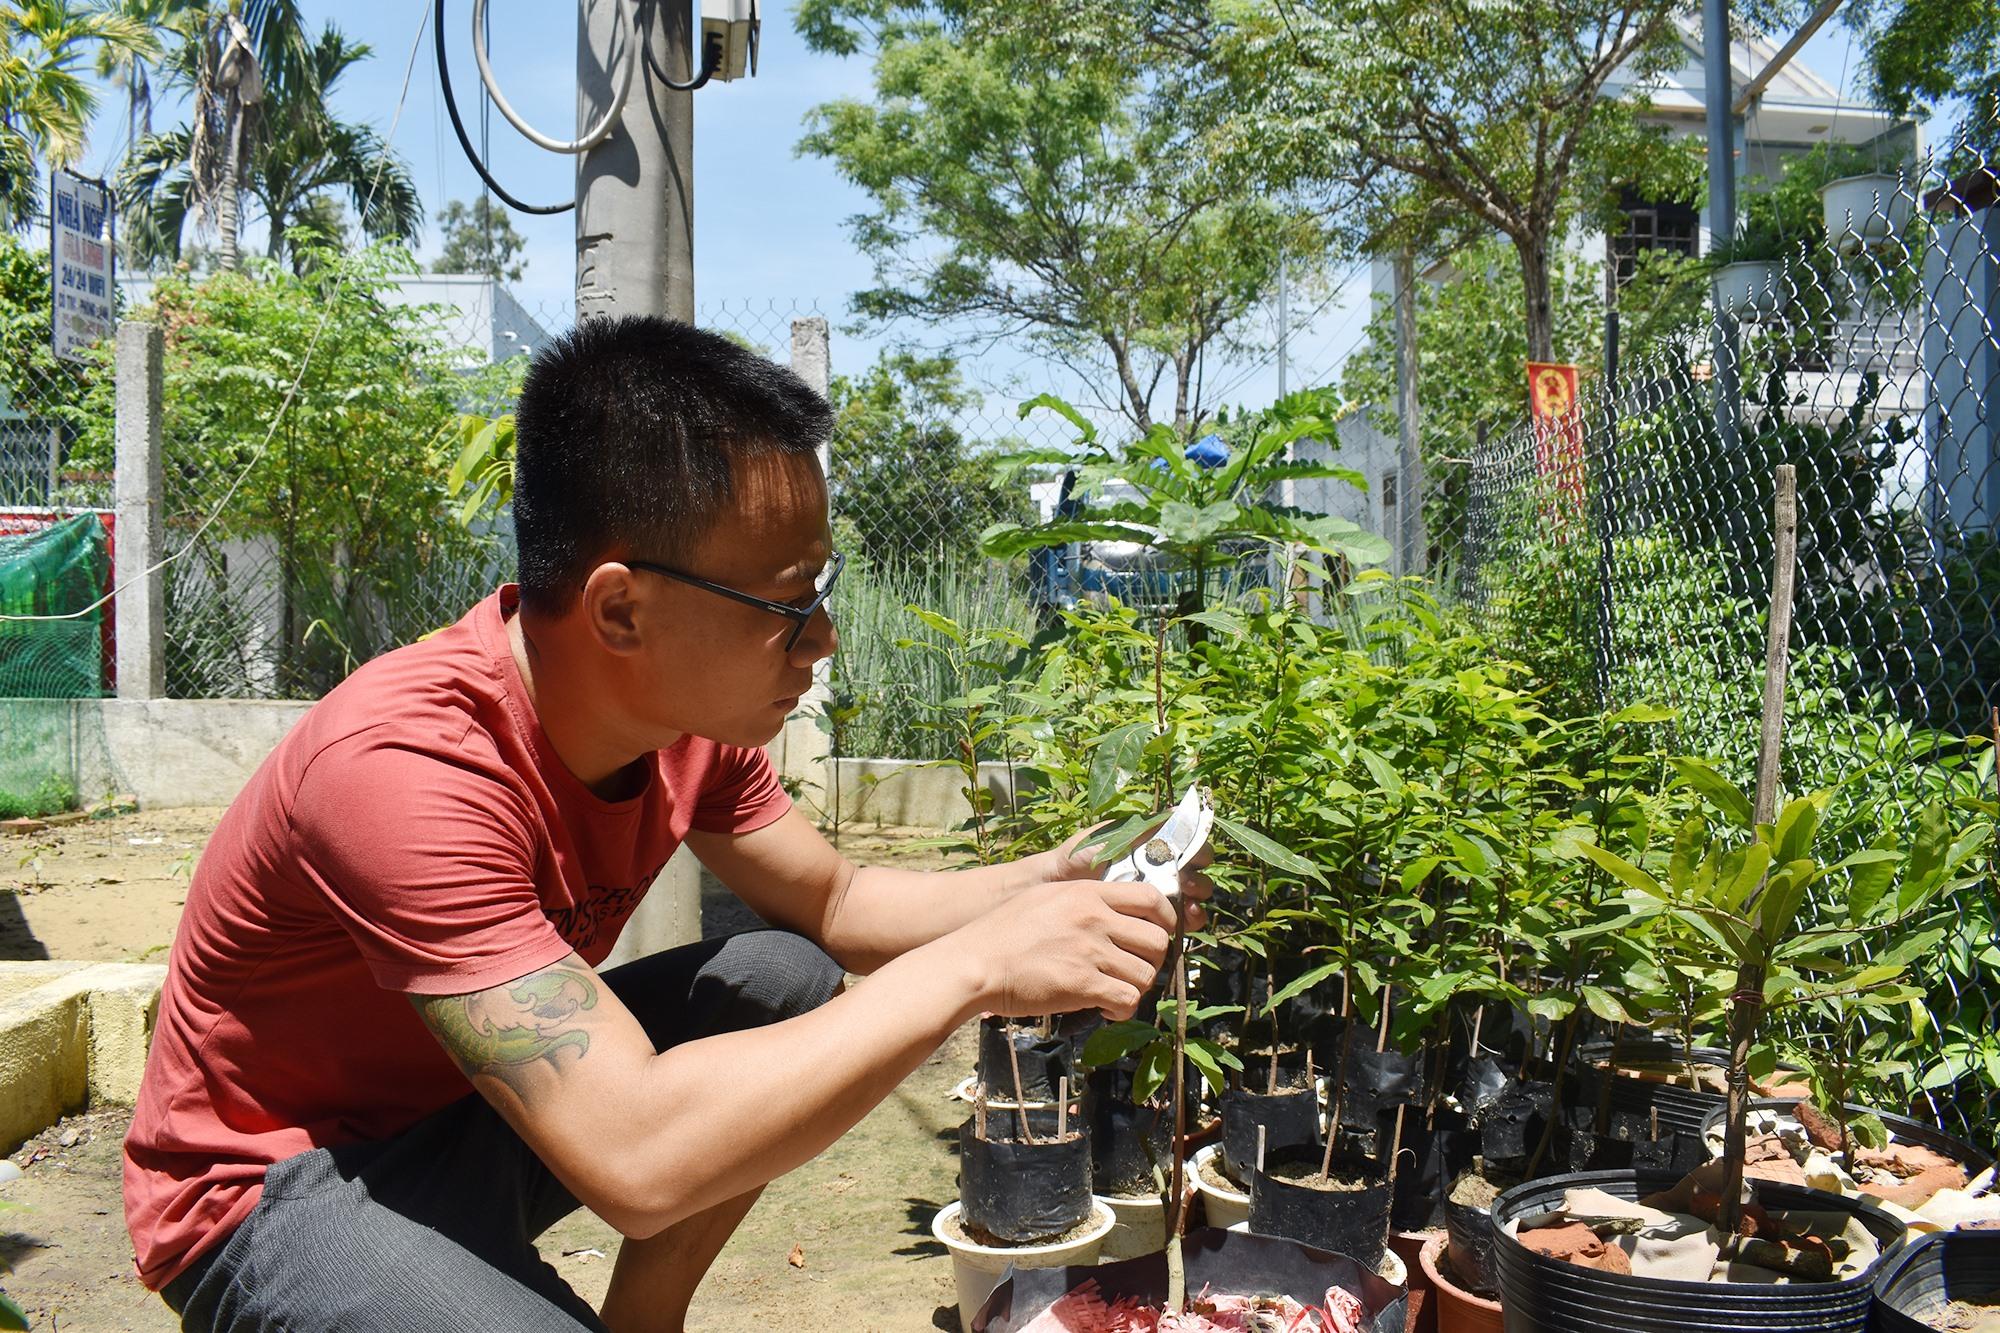 Phải thường xuyên cắt tỉa, bấm ngọn để cây mai nhanh đẻ nhánh. Ảnh: H.Q